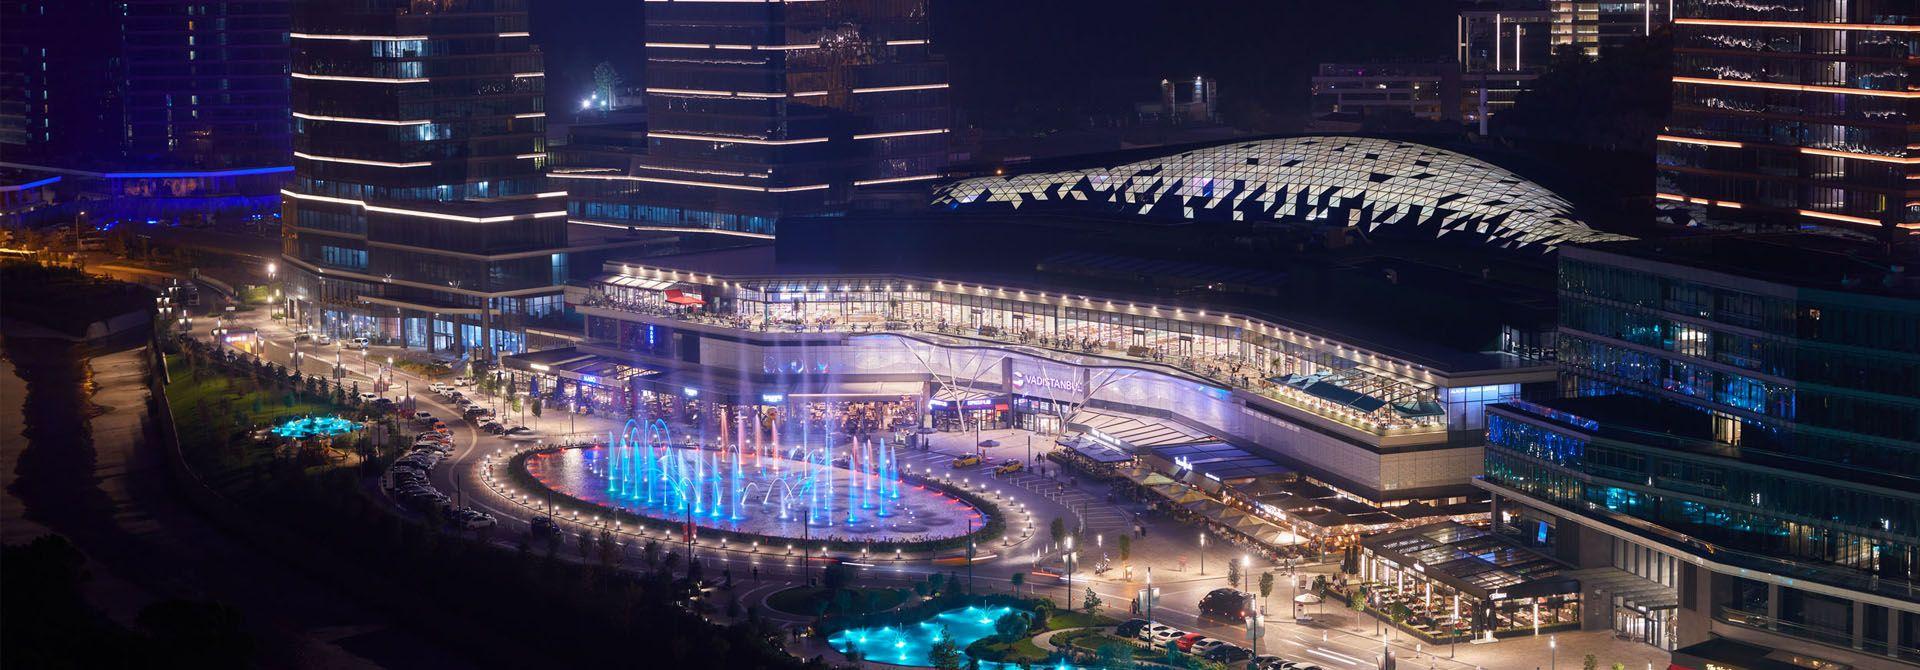 المعمارية المتطورة في تركيا